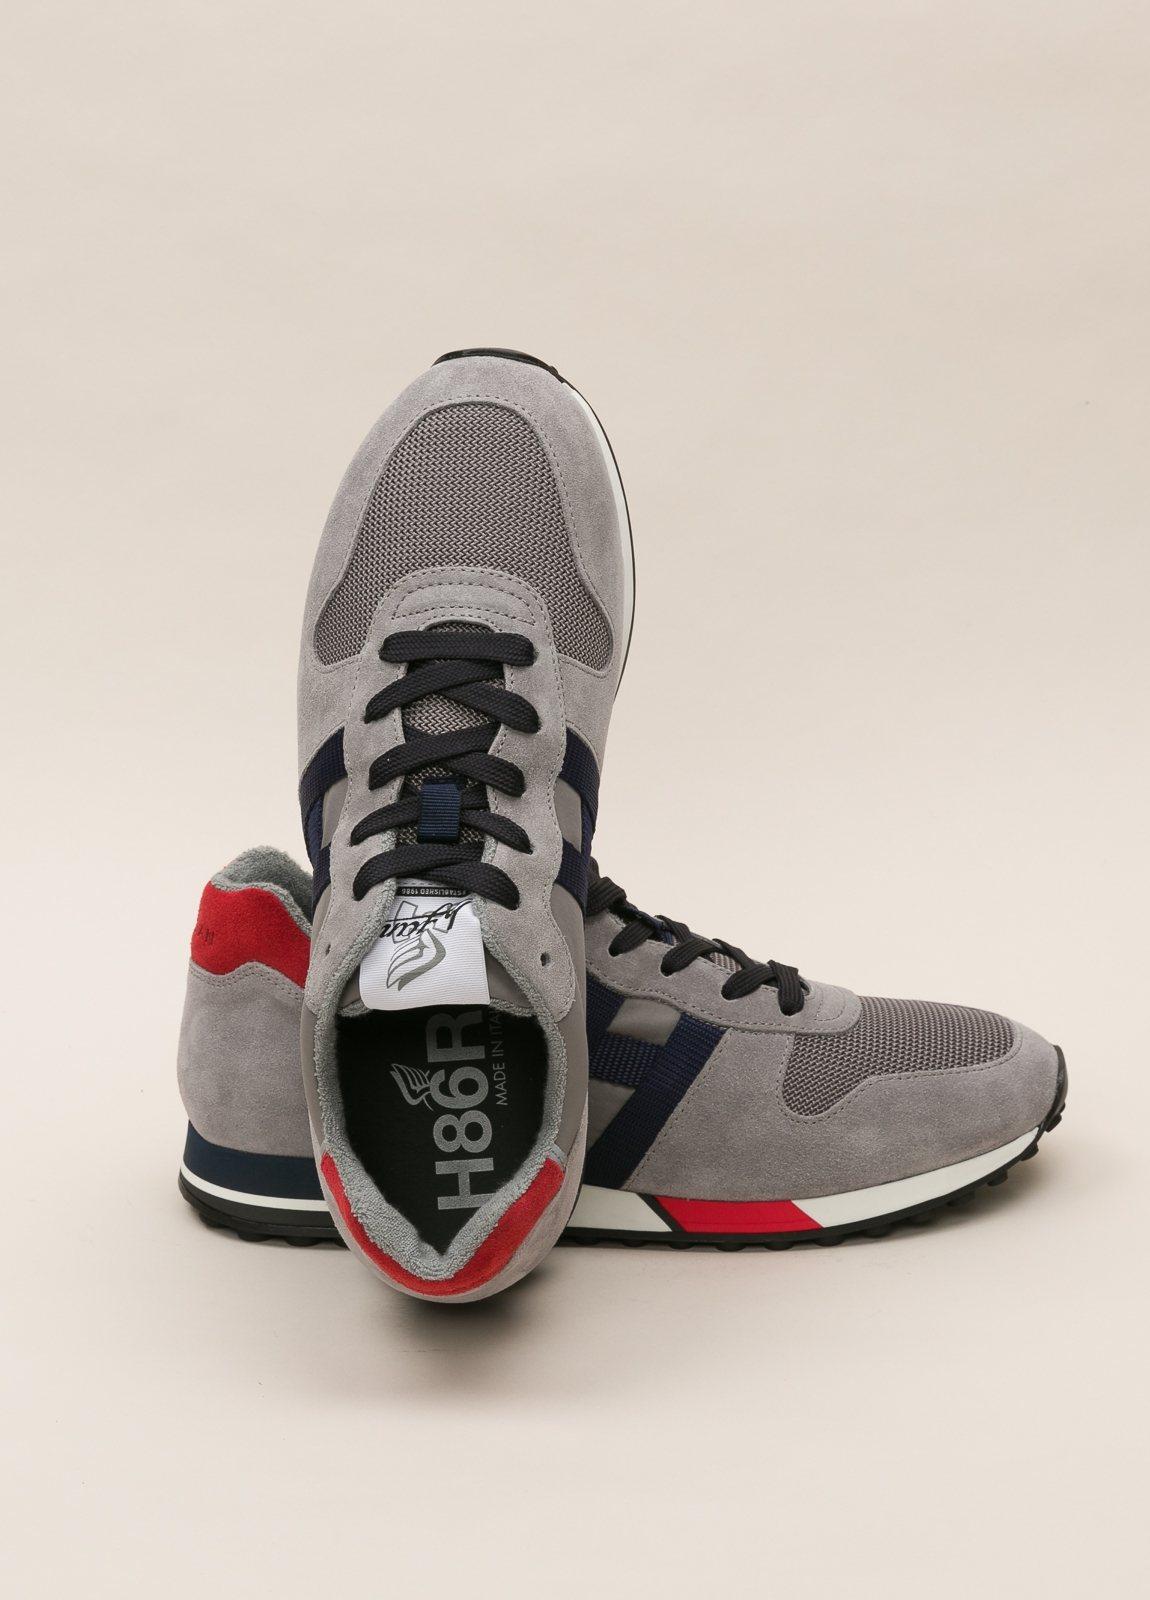 Zapatillas deportivas HOGAN gris y rojo - Ítem1